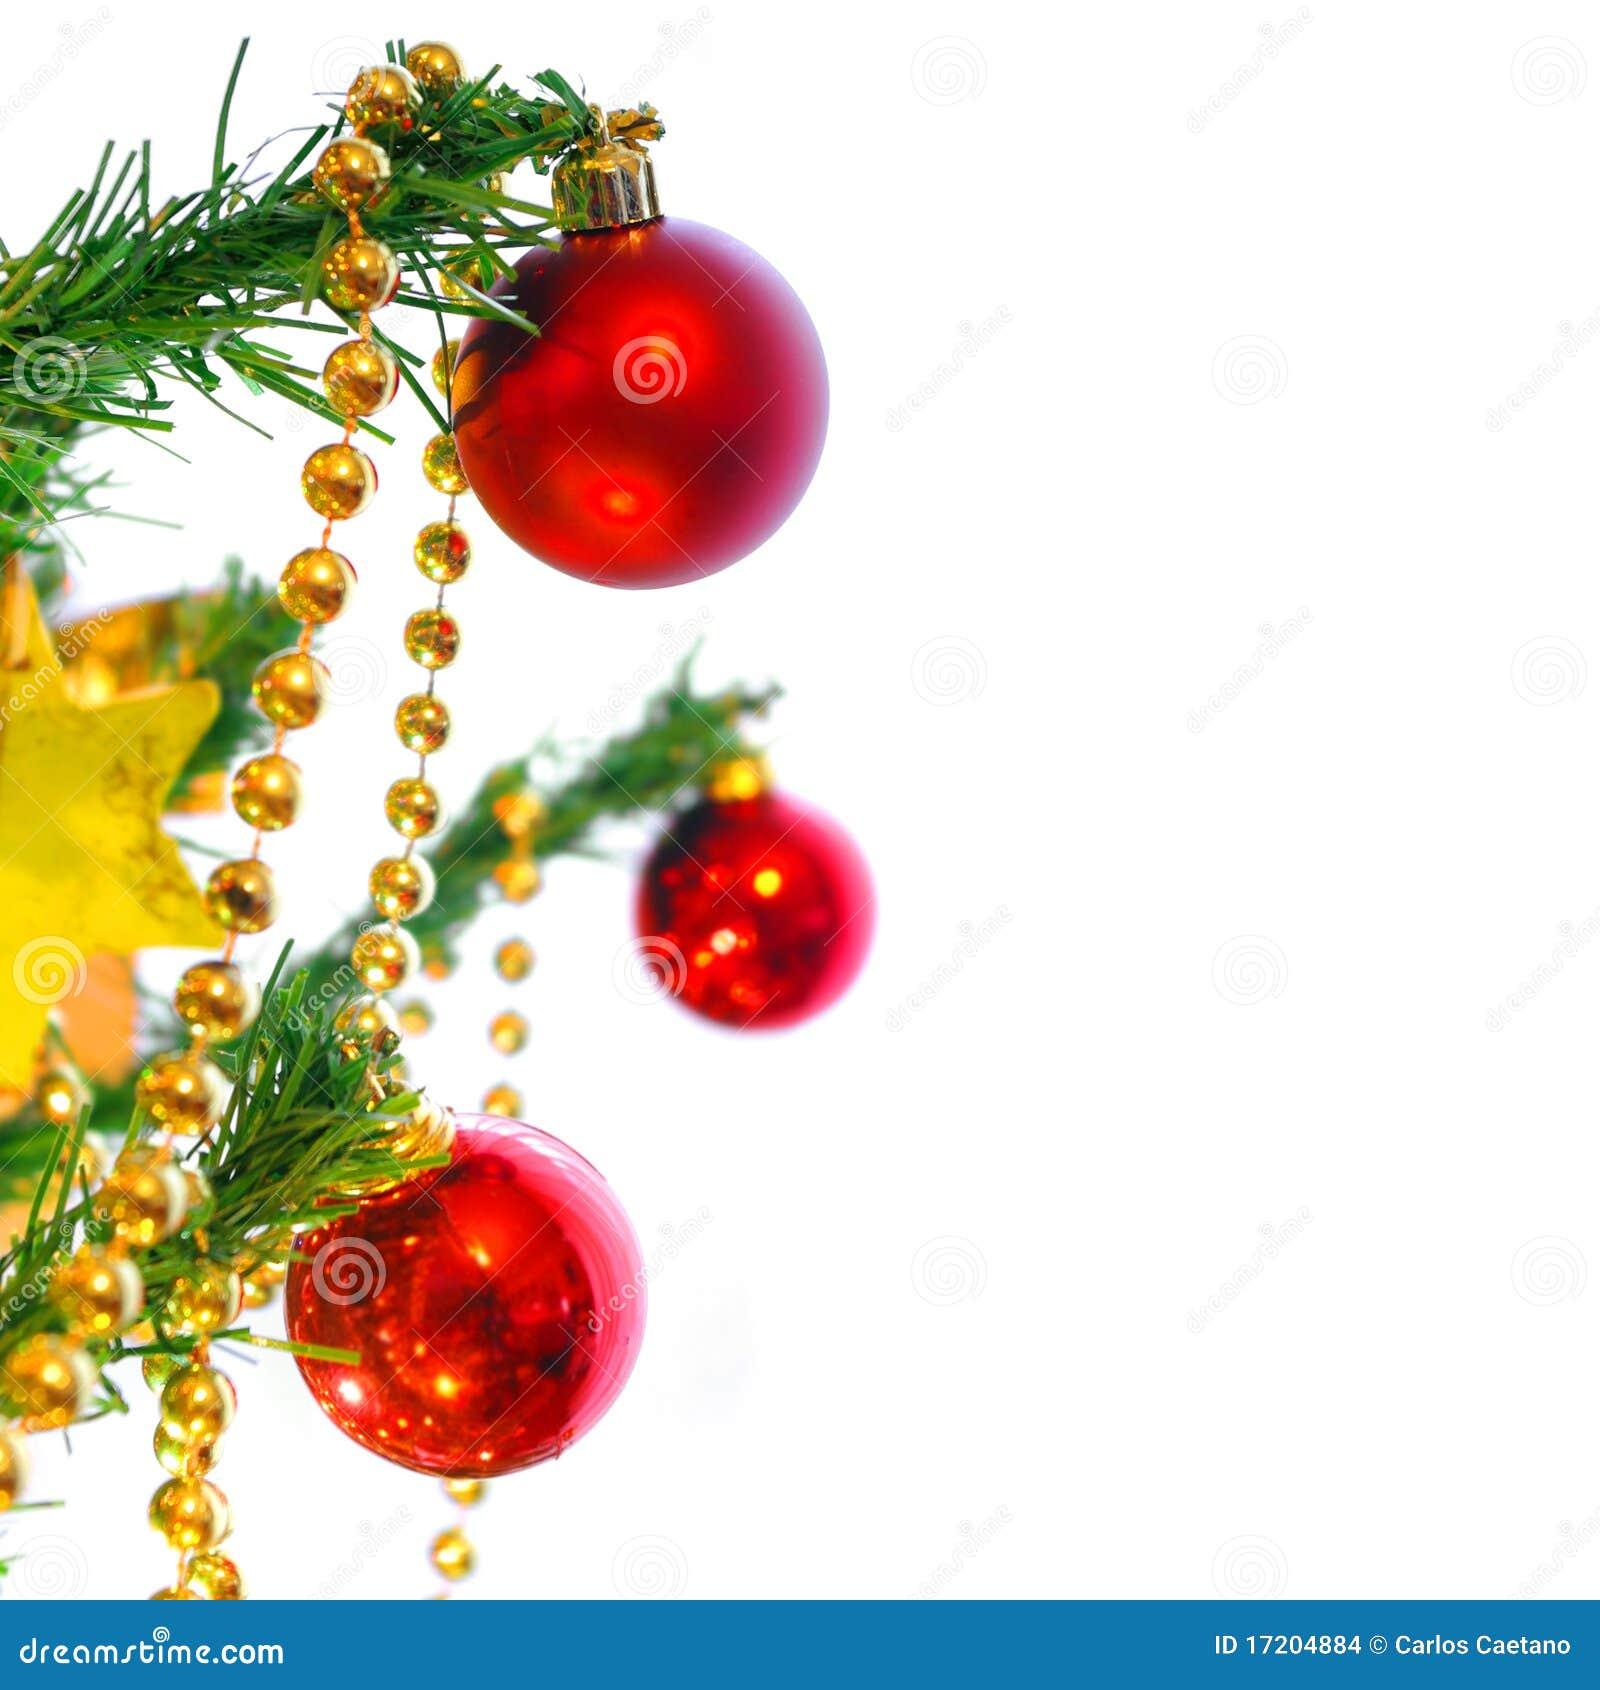 Bolas de navidad imagenes de archivo imagen 17204884 for Arbol de navidad con bolas rojas